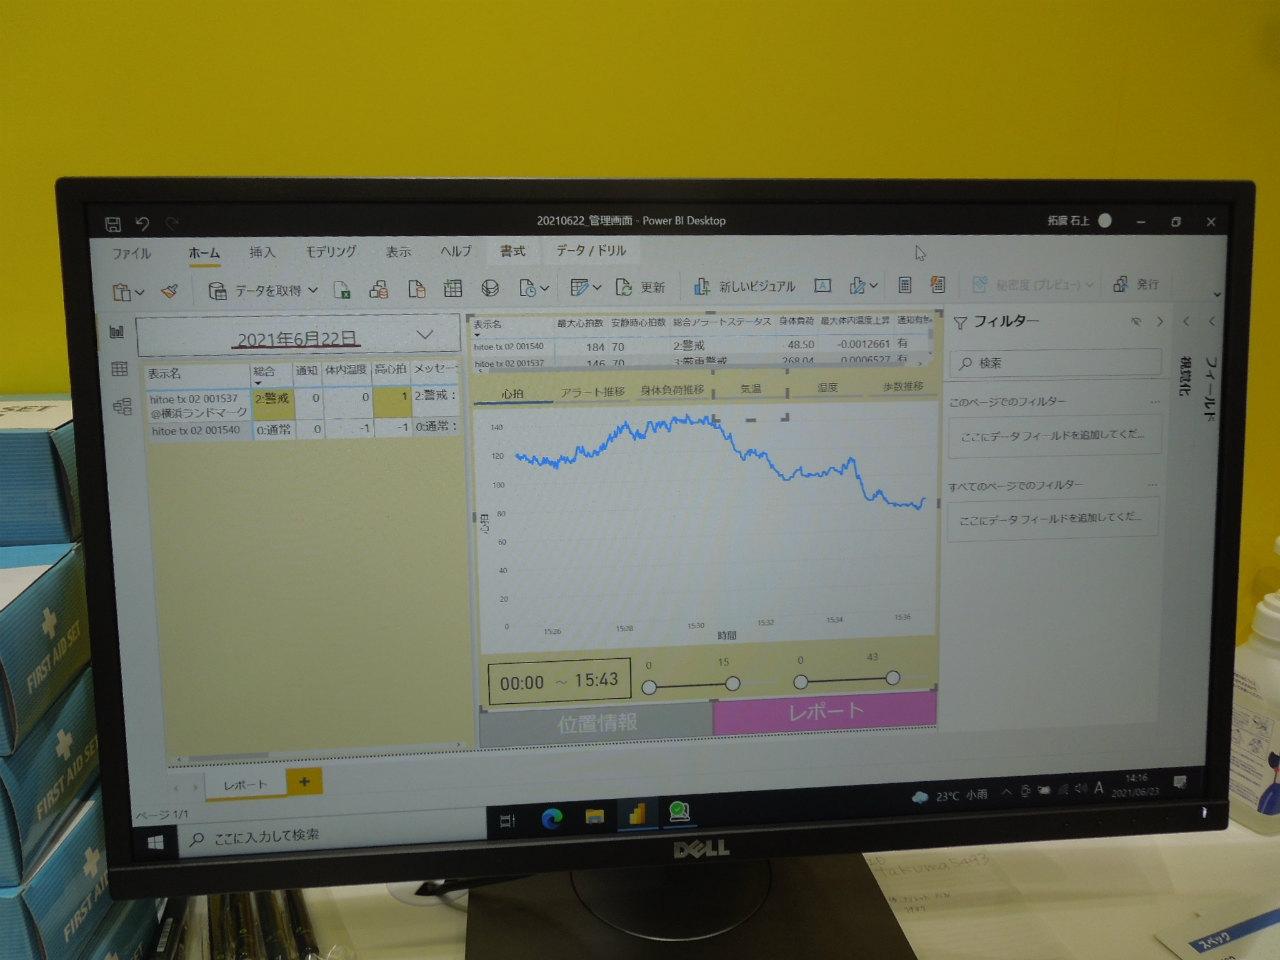 作業者の体調を遠隔から一括で管理する画面 (写真:日経クロステック)